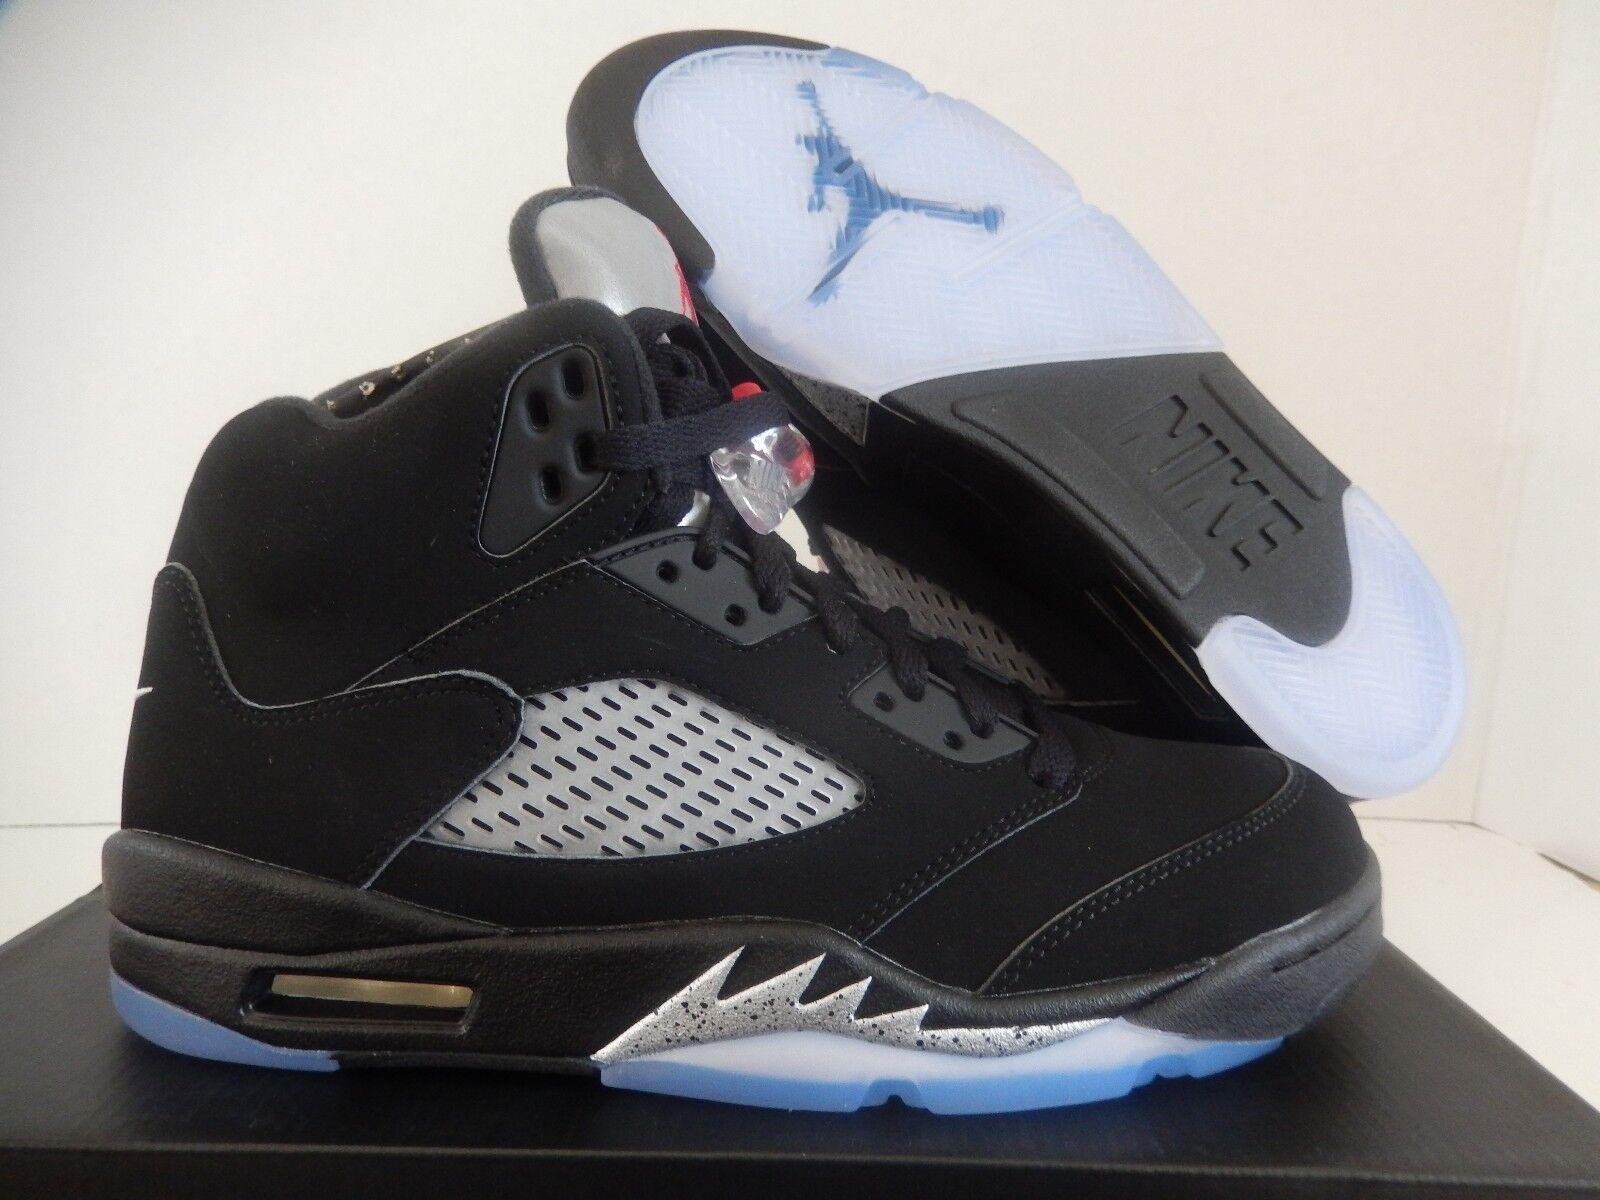 Nike Air Jordan 5 Fuego Metalizado Retro Og Negro Rojo Fuego 5 Plata 3ab84d